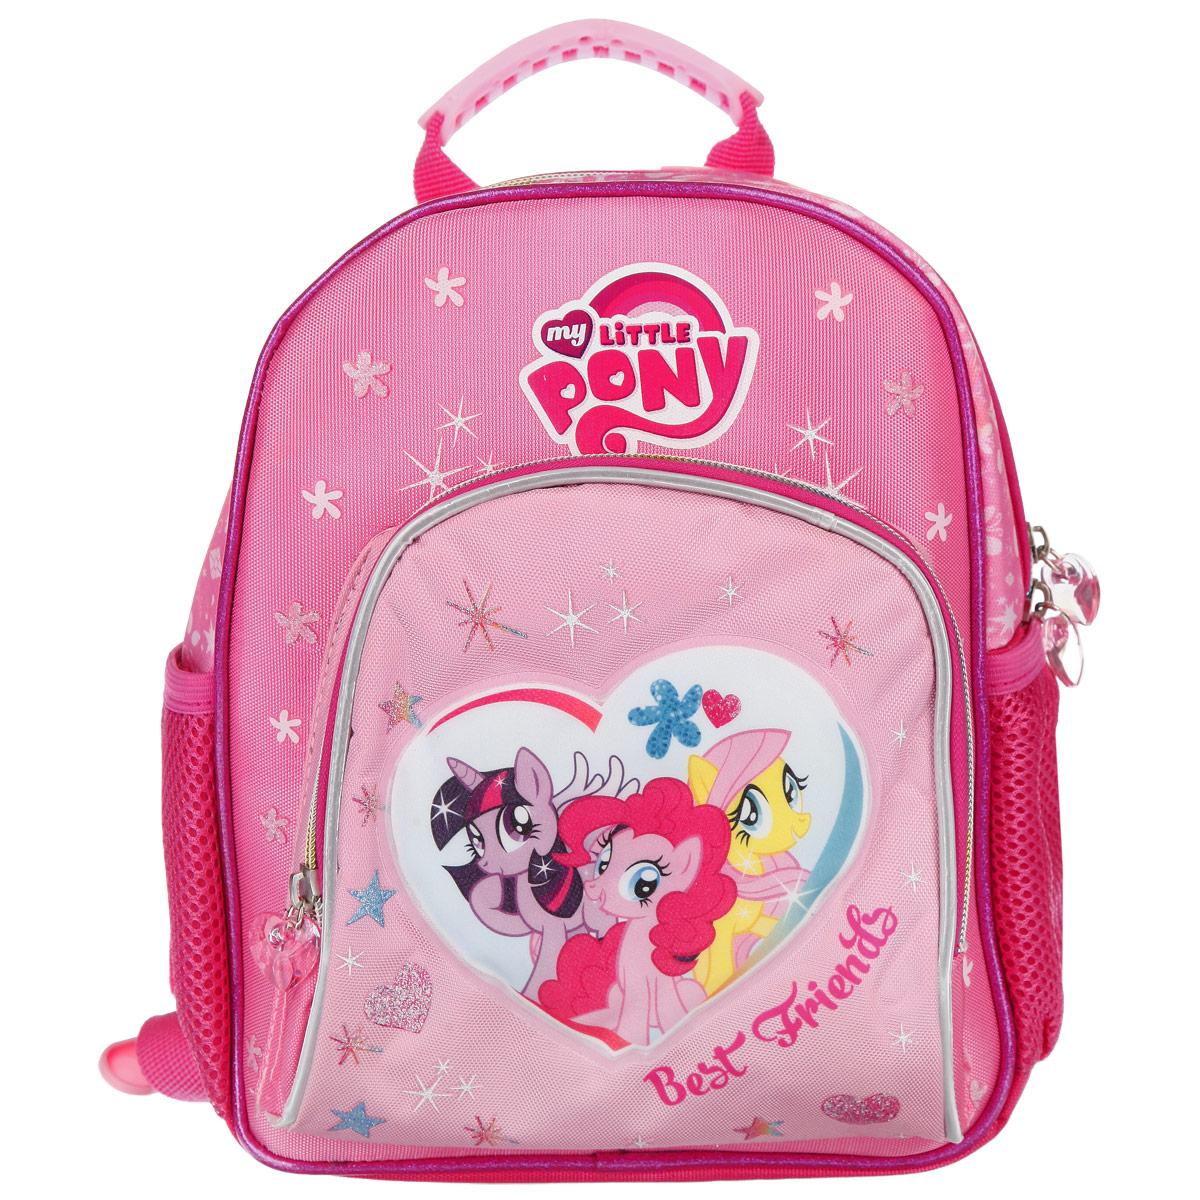 Рюкзак детский Proff My Little Pony, цвет: розовый, белыйLP15-ERBM-1Полужесткий мини-рюкзак Proff My Little Pony прекрасно подойдет ребенку дошкольного возраста. Рюкзак содержит одно вместительное отделение, закрывающееся на застежку-молнию с двумя бегунками. Внутри отделения расположен сквозной накладной карман на липучке, который подойдет для переноски планшета или книг. По бокам рюкзака расположены накладные открытые карманы на резинке. На лицевой стороне рюкзака расположен большой накладной карман на застежке молнии. Лямки рюкзака плотно пришиты к эргономической спинке и легко регулируются по длине. Изделие изготовлено из износоустойчивой ткани с водонепроницаемой основой, поэтому имеет долгий срок службы и надежно защищает вещи от намокания. Рюкзачок украшен привлекательным принтом, с героями My Little Pony, бегунки дополнены держателями в виде сердечек. Светоотражающие элементы обеспечивают дополнительную безопасность в темное время суток. Рекомендуемый возраст: от 3 лет.